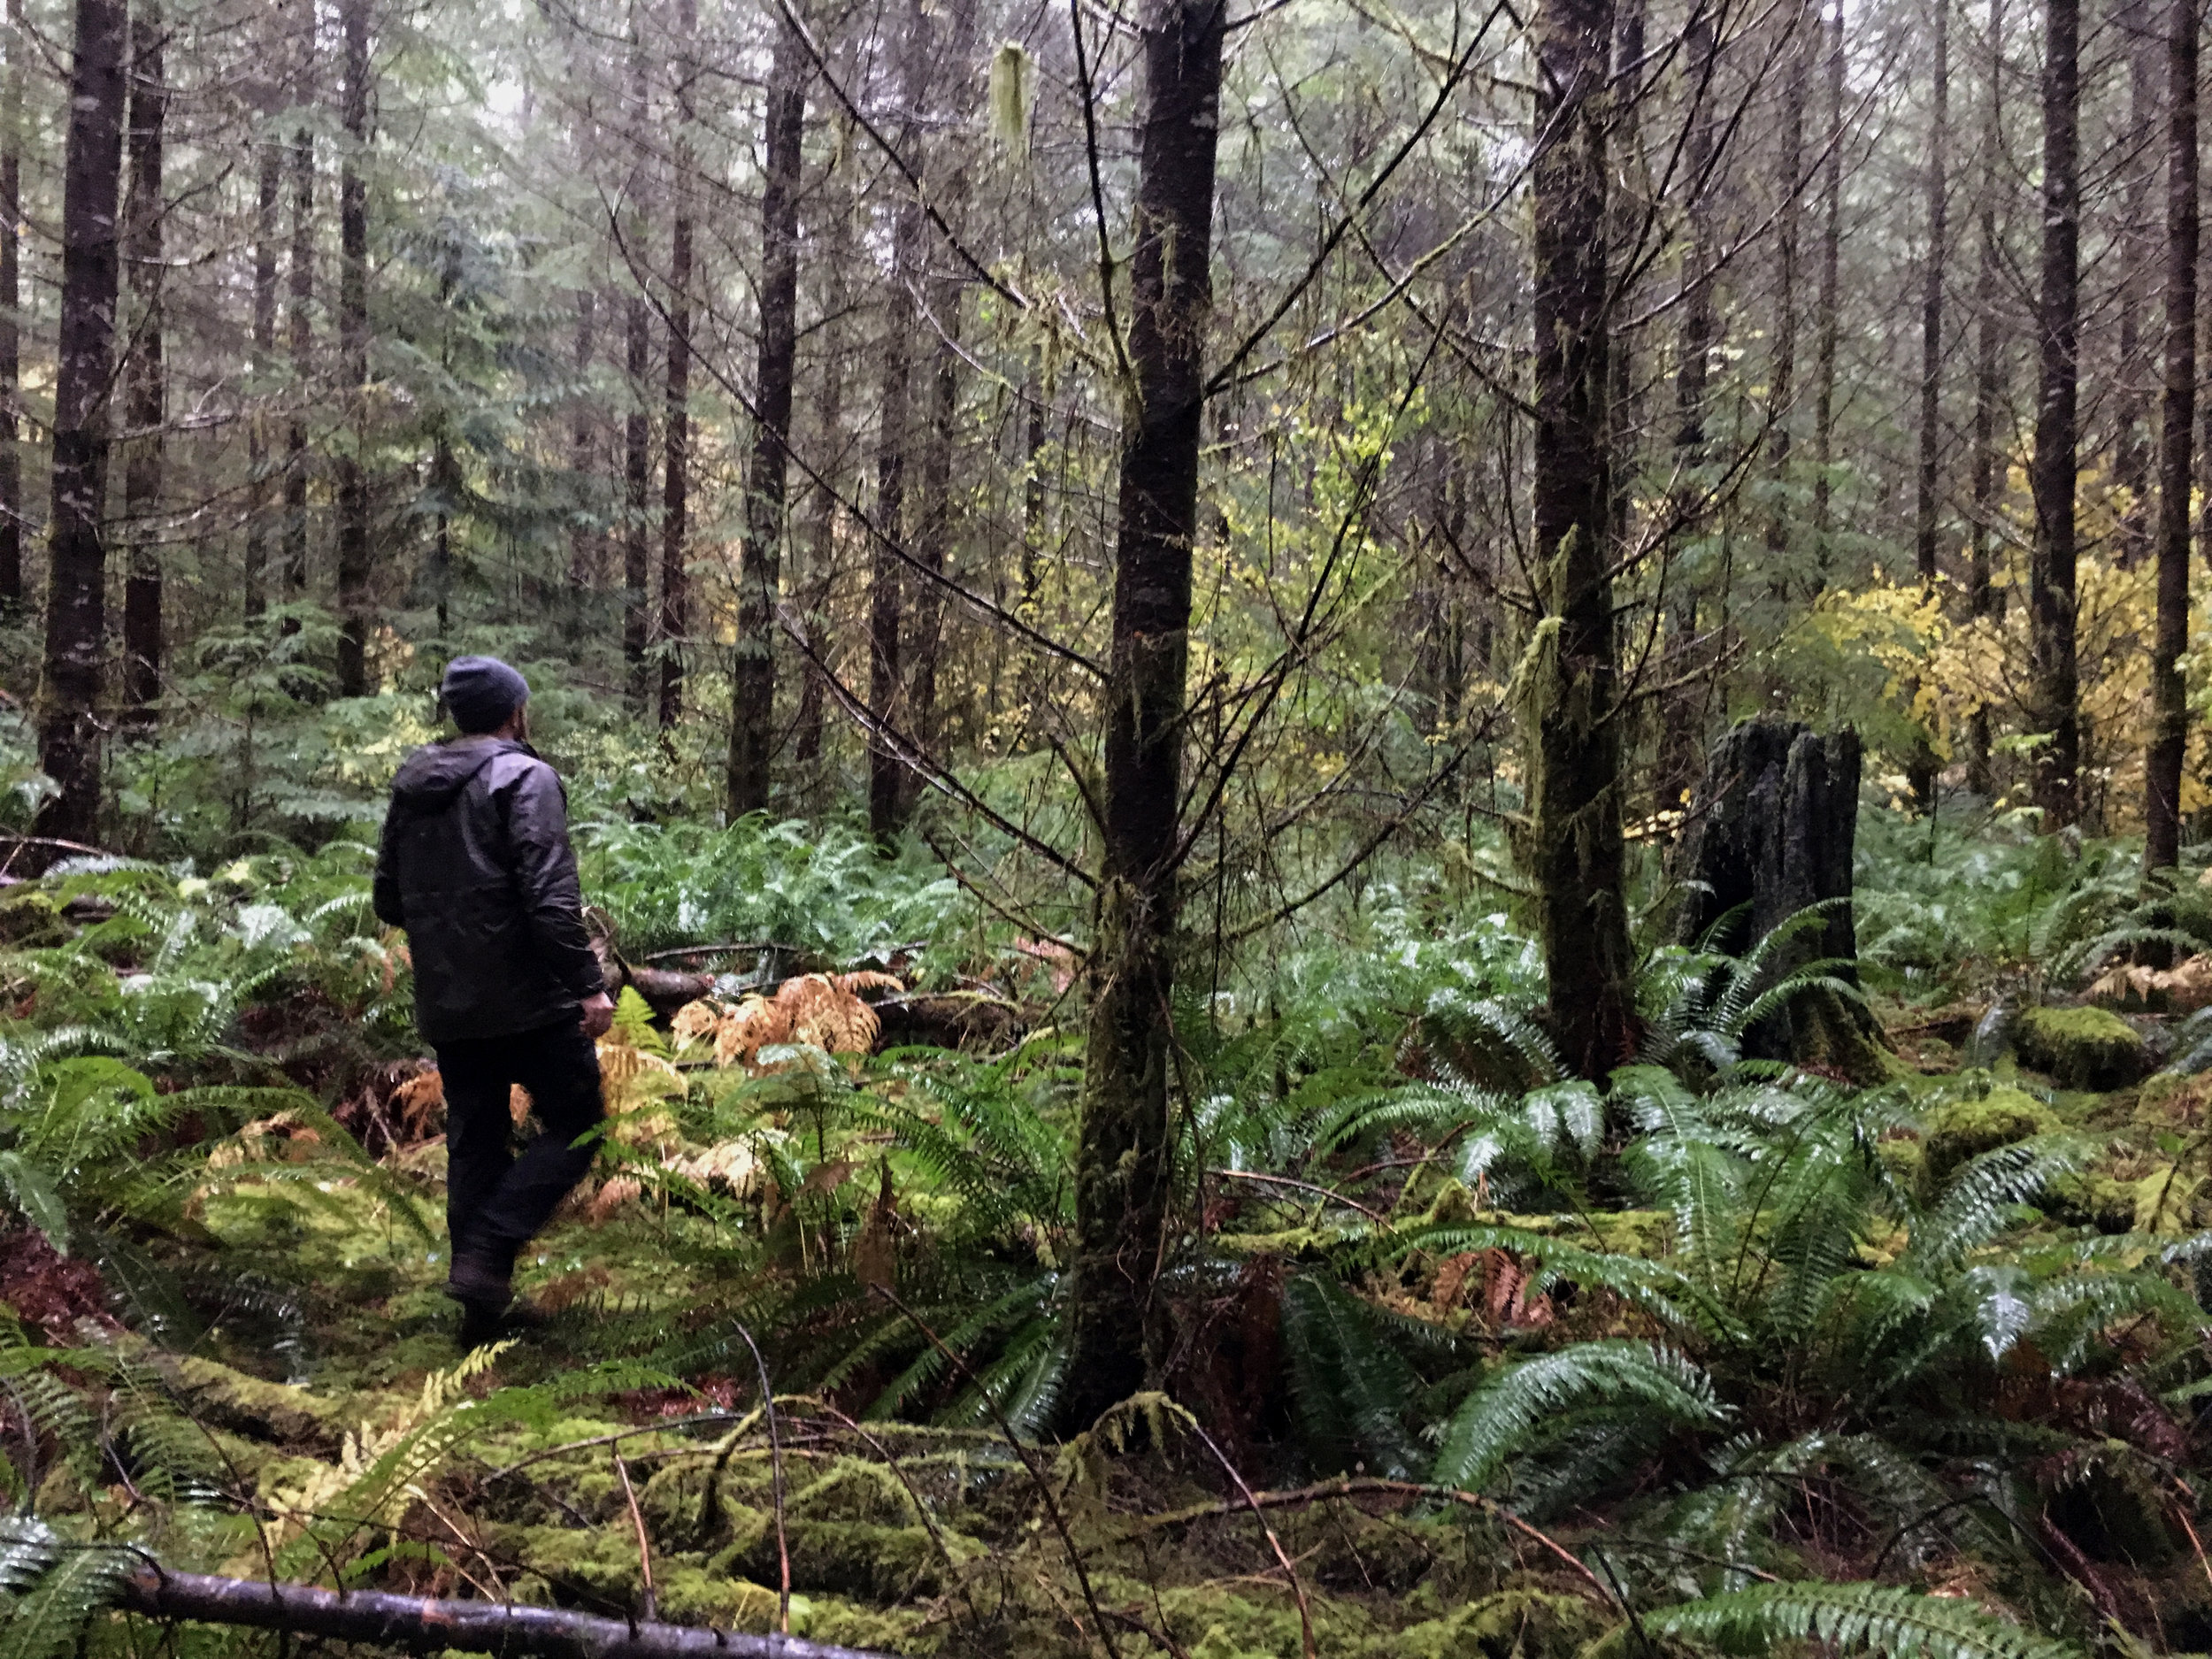 Wandering in the wet woods. Photo by Nikolaj Lasbo / TNC